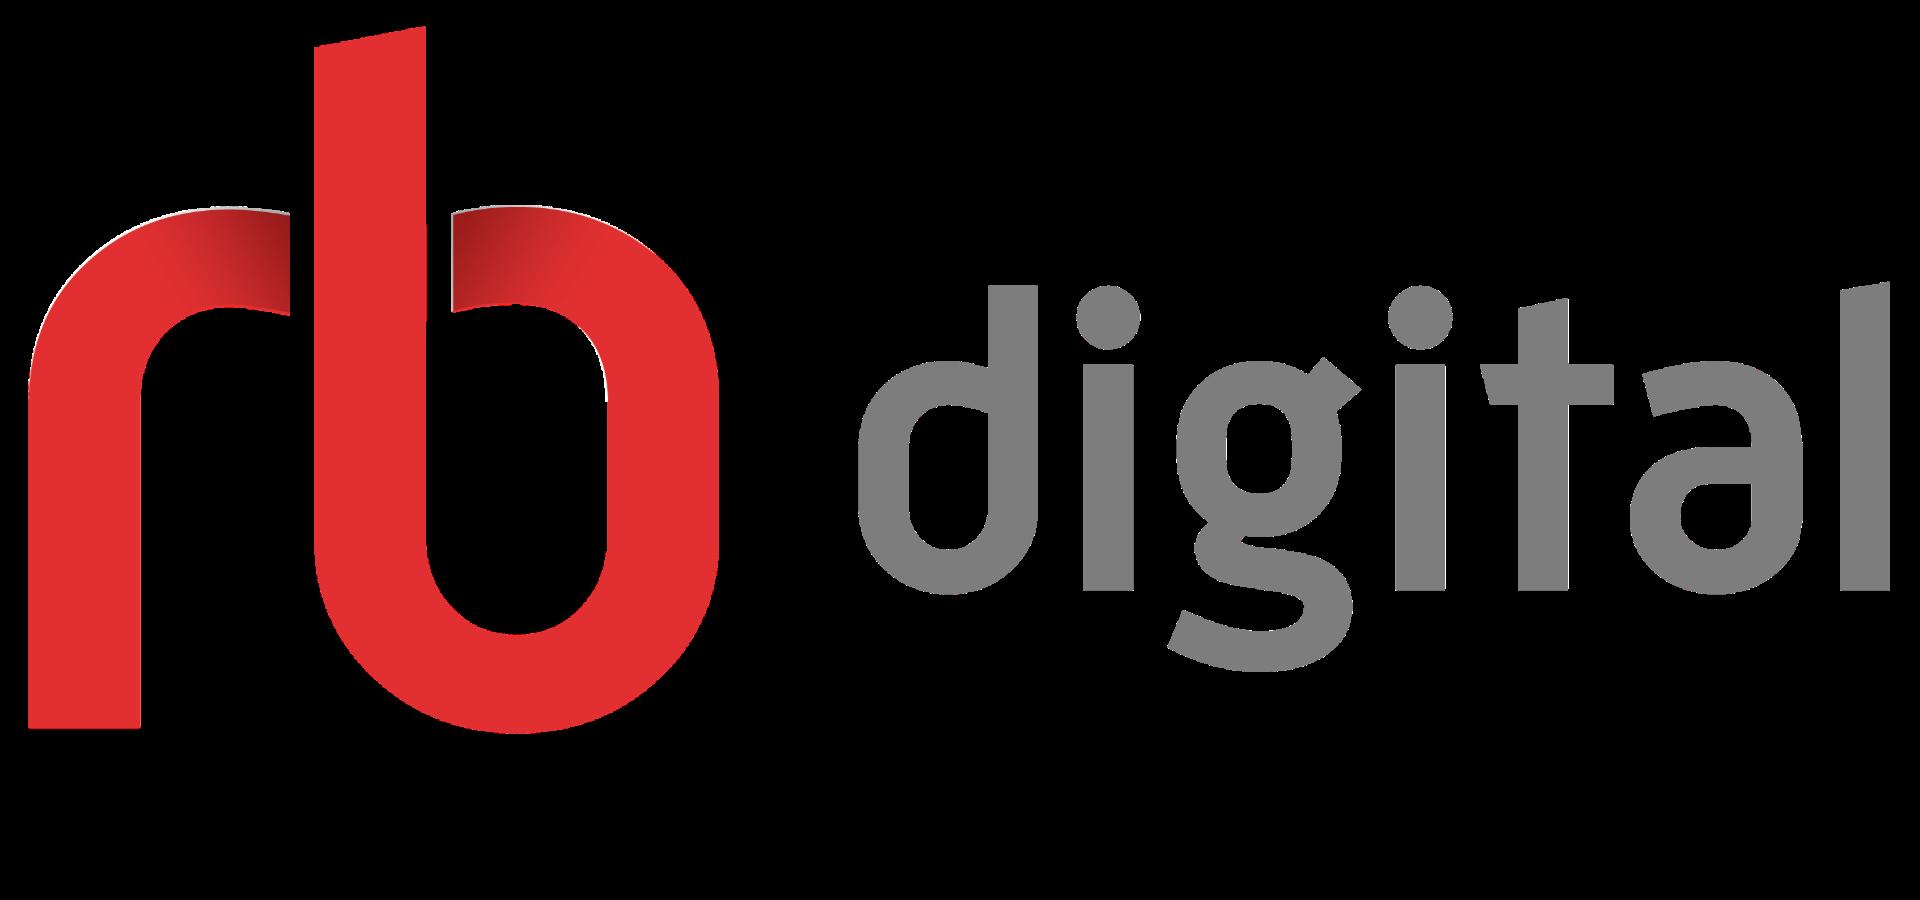 RBdigital - eAudiobooks